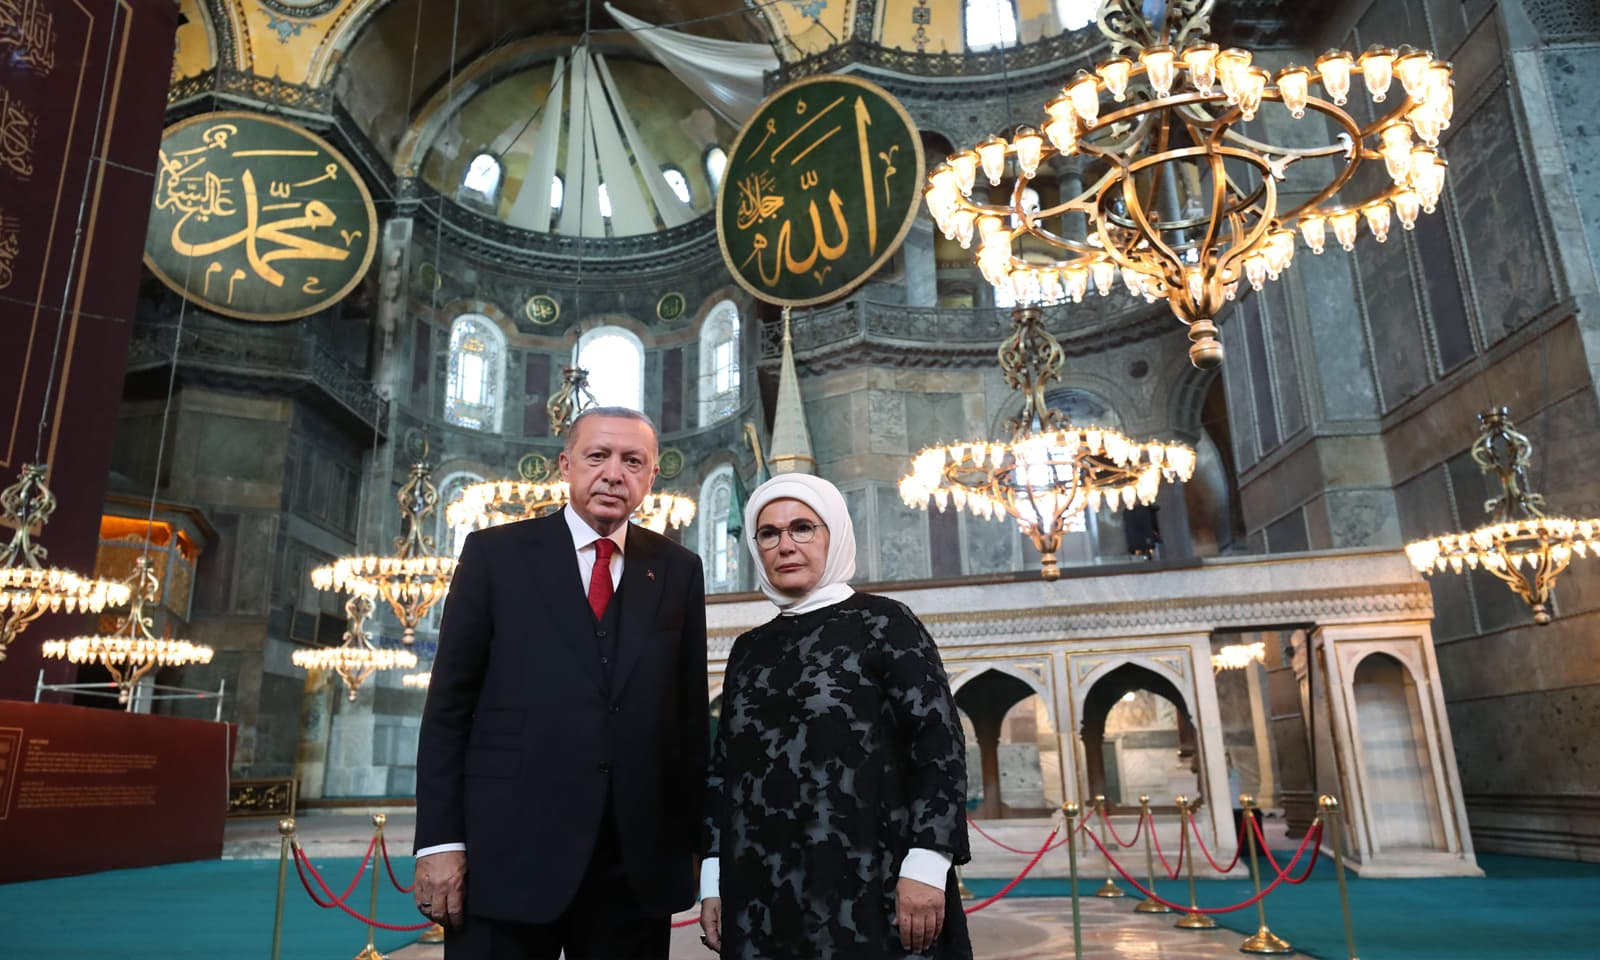 طیب اردوان نے  عدالتی فیصلے کے بعد آیا صوفیہ کو مسجد میں تبدیل کرنے کی منظوری دی تھی— فوٹو:اے ایف  پی